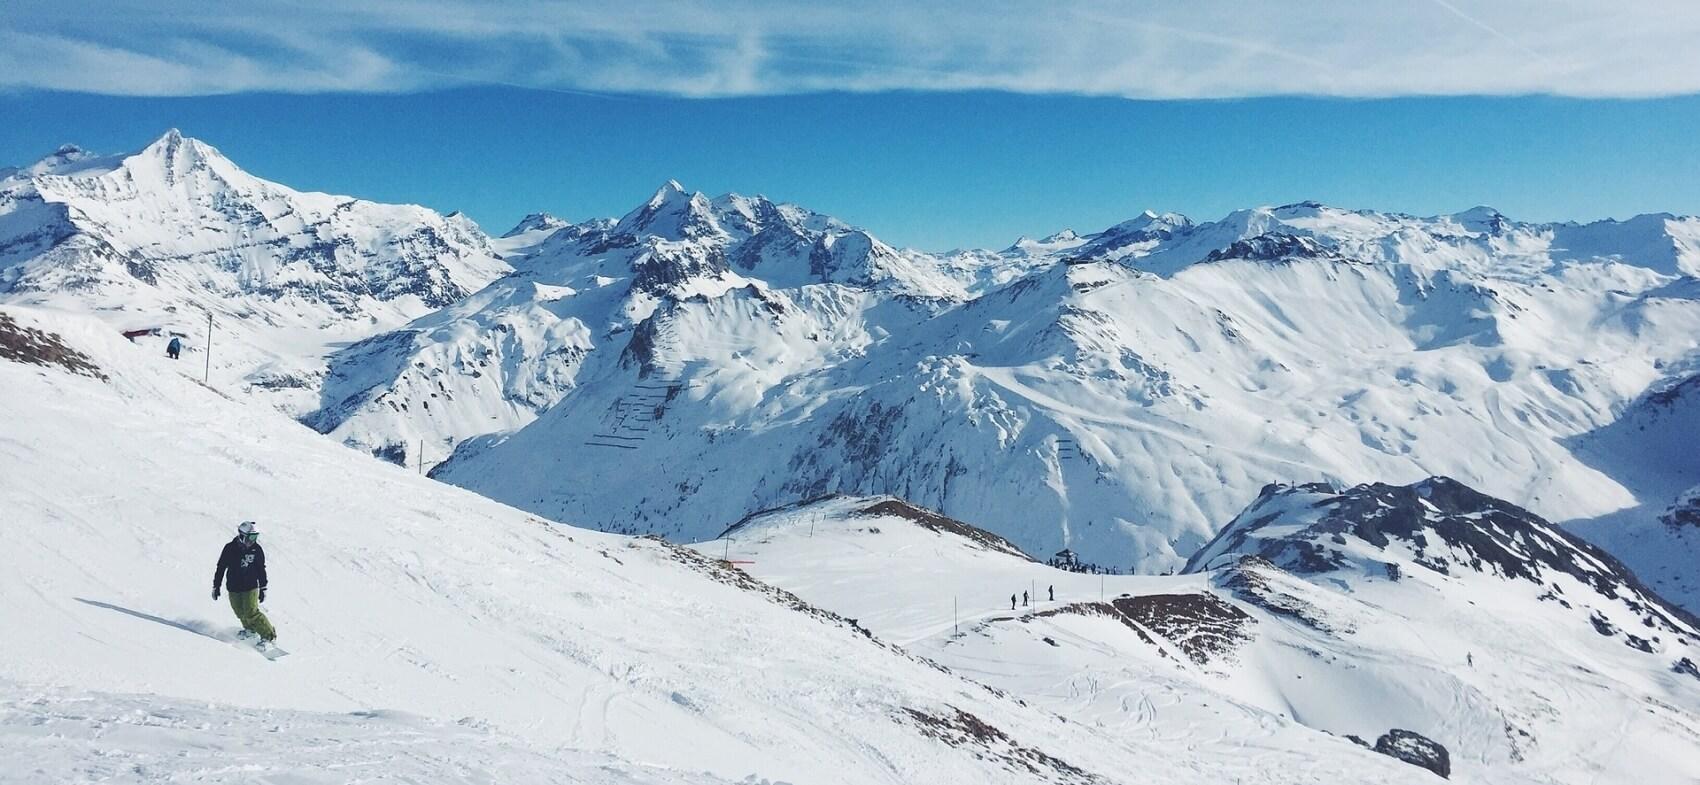 Séjour neige Prapoutel - Les 7 Laux